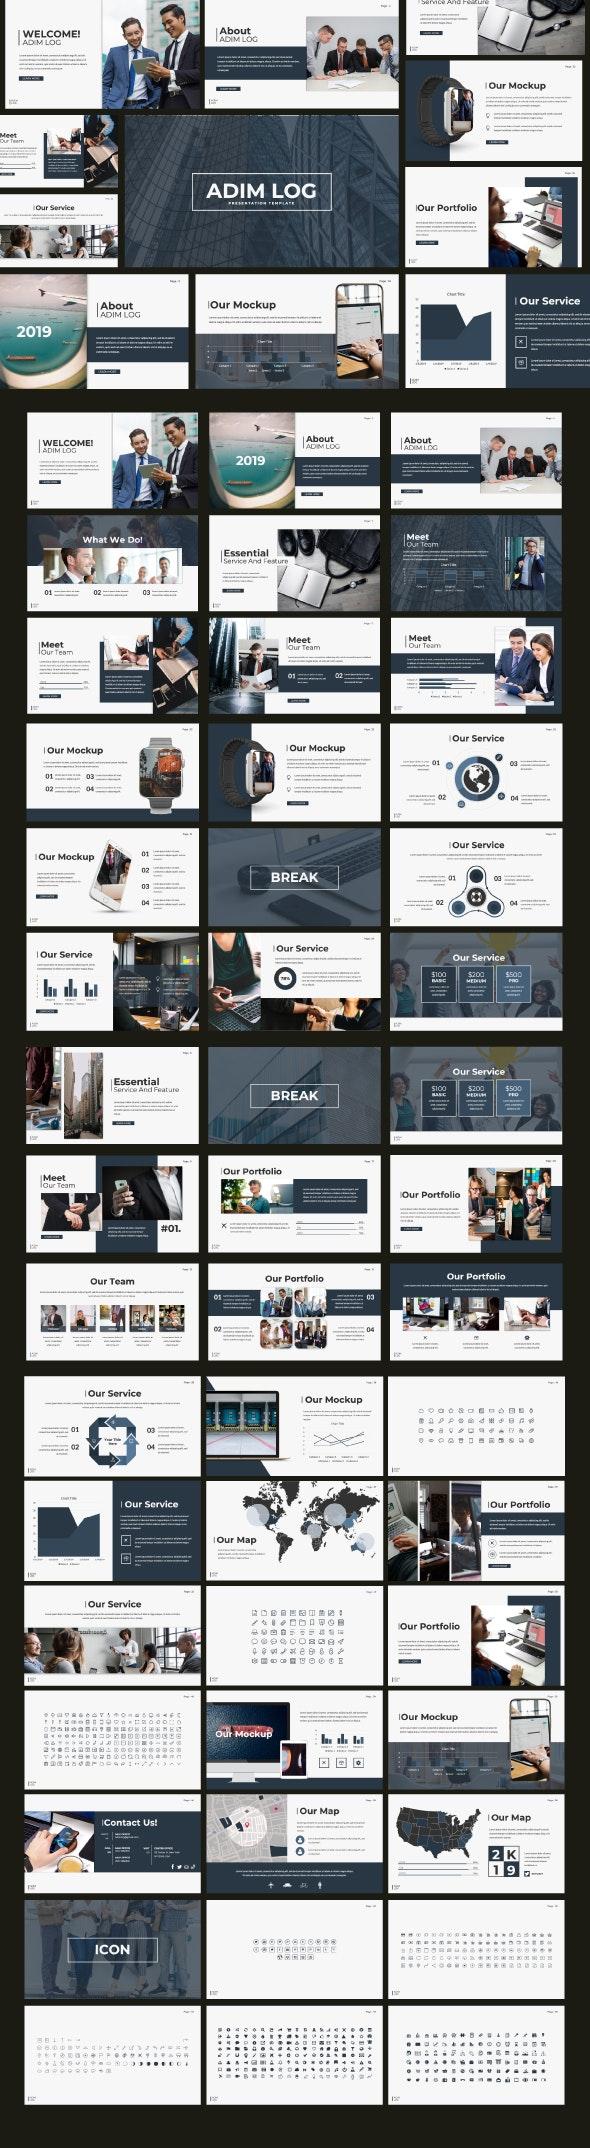 Admin Log Google Slide Template - Google Slides Presentation Templates